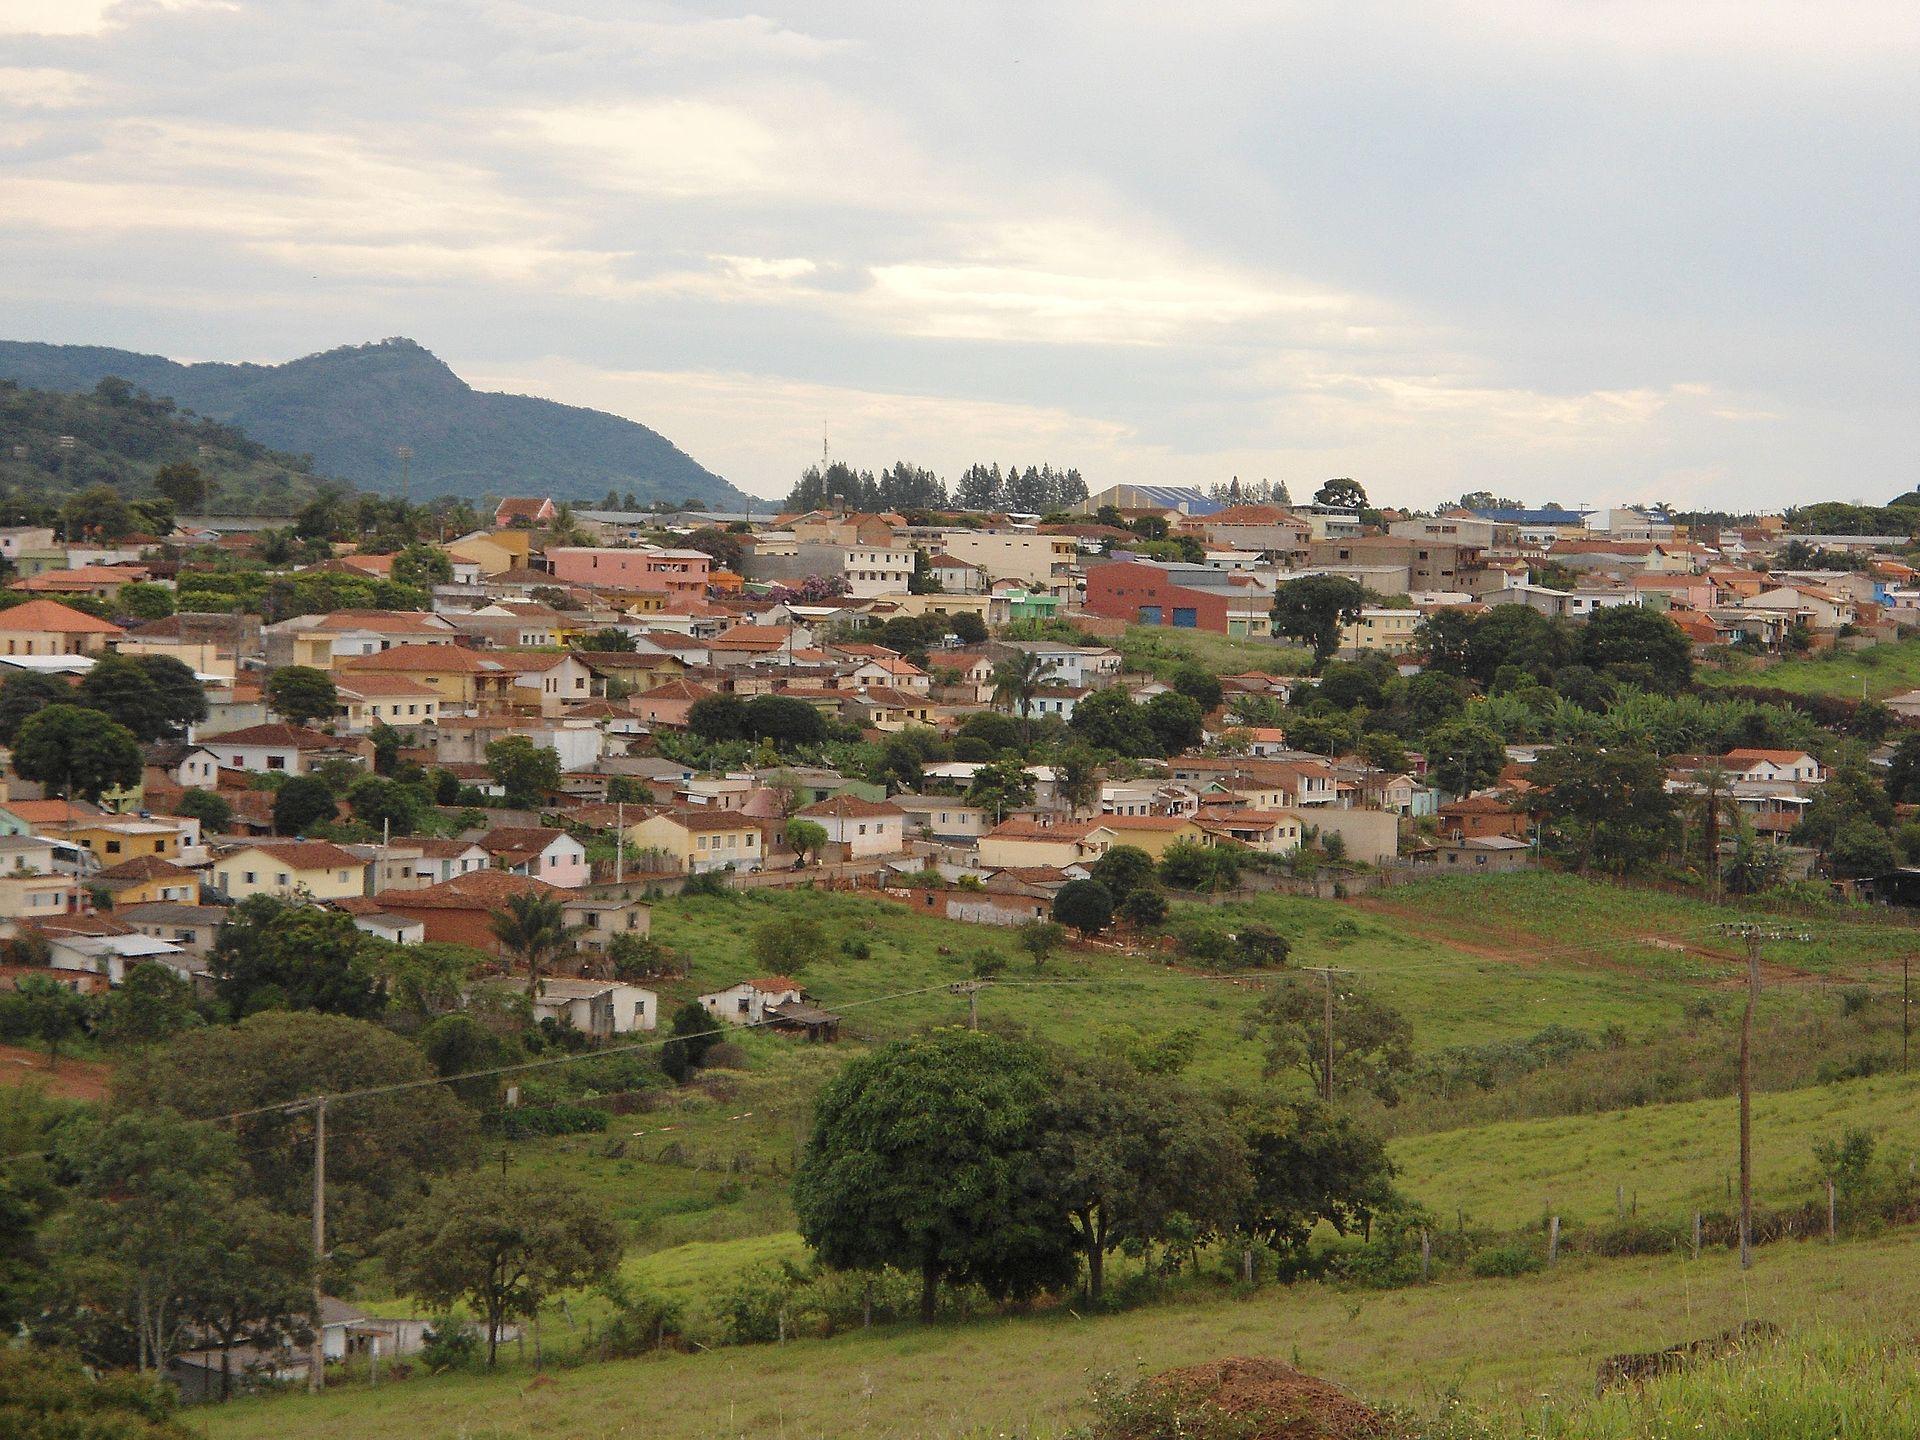 Santa Bárbara do Tugúrio